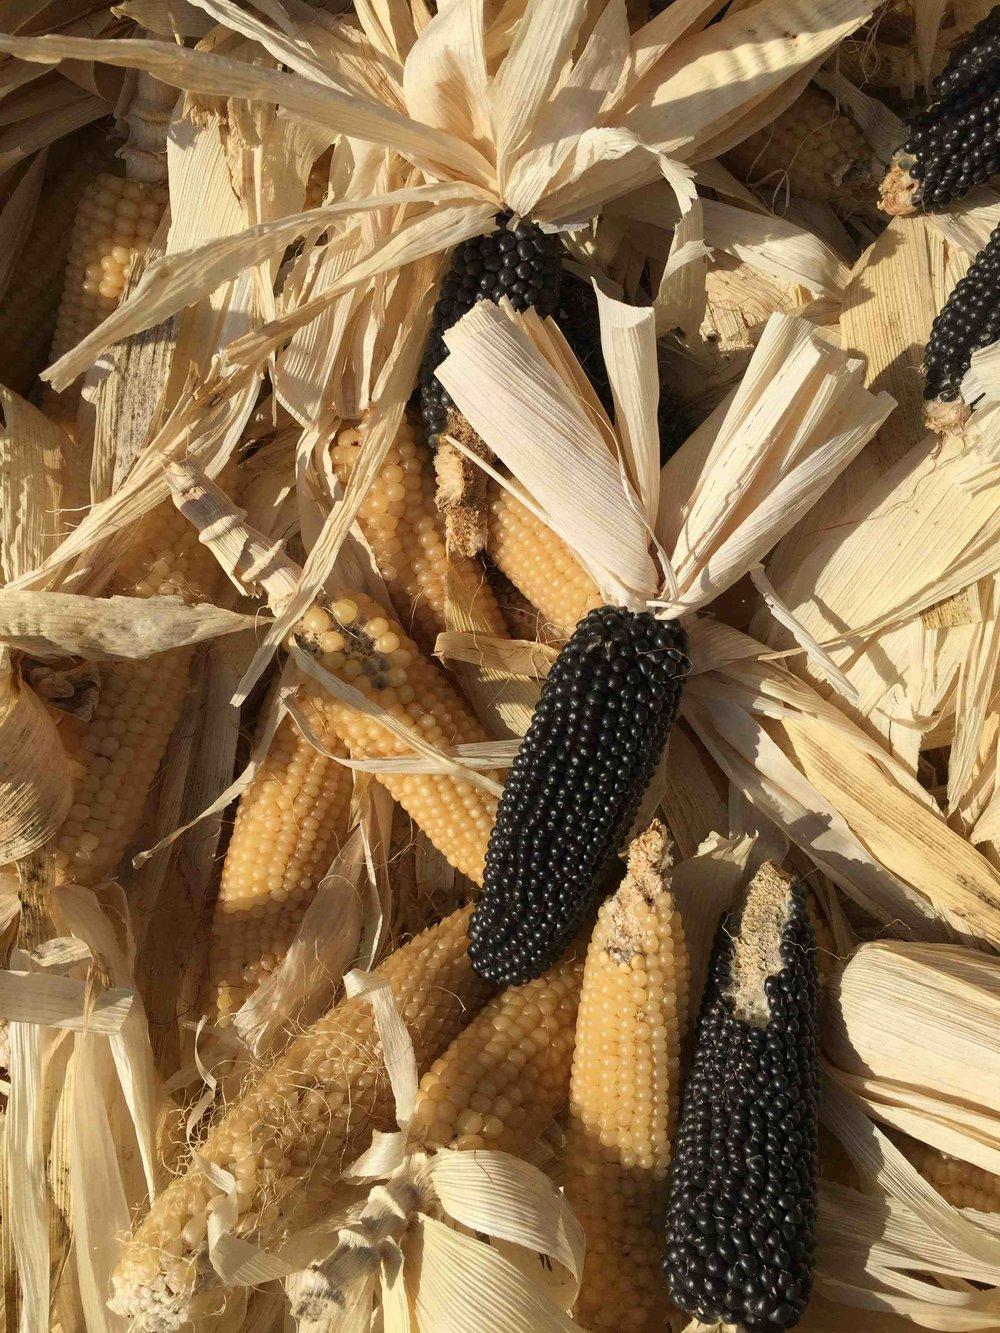 Näistä voi kotona paahtaa popcornia joko irroittamalla siemenet kattilaan tai laittamalla maissin paperipussissa mikroon.